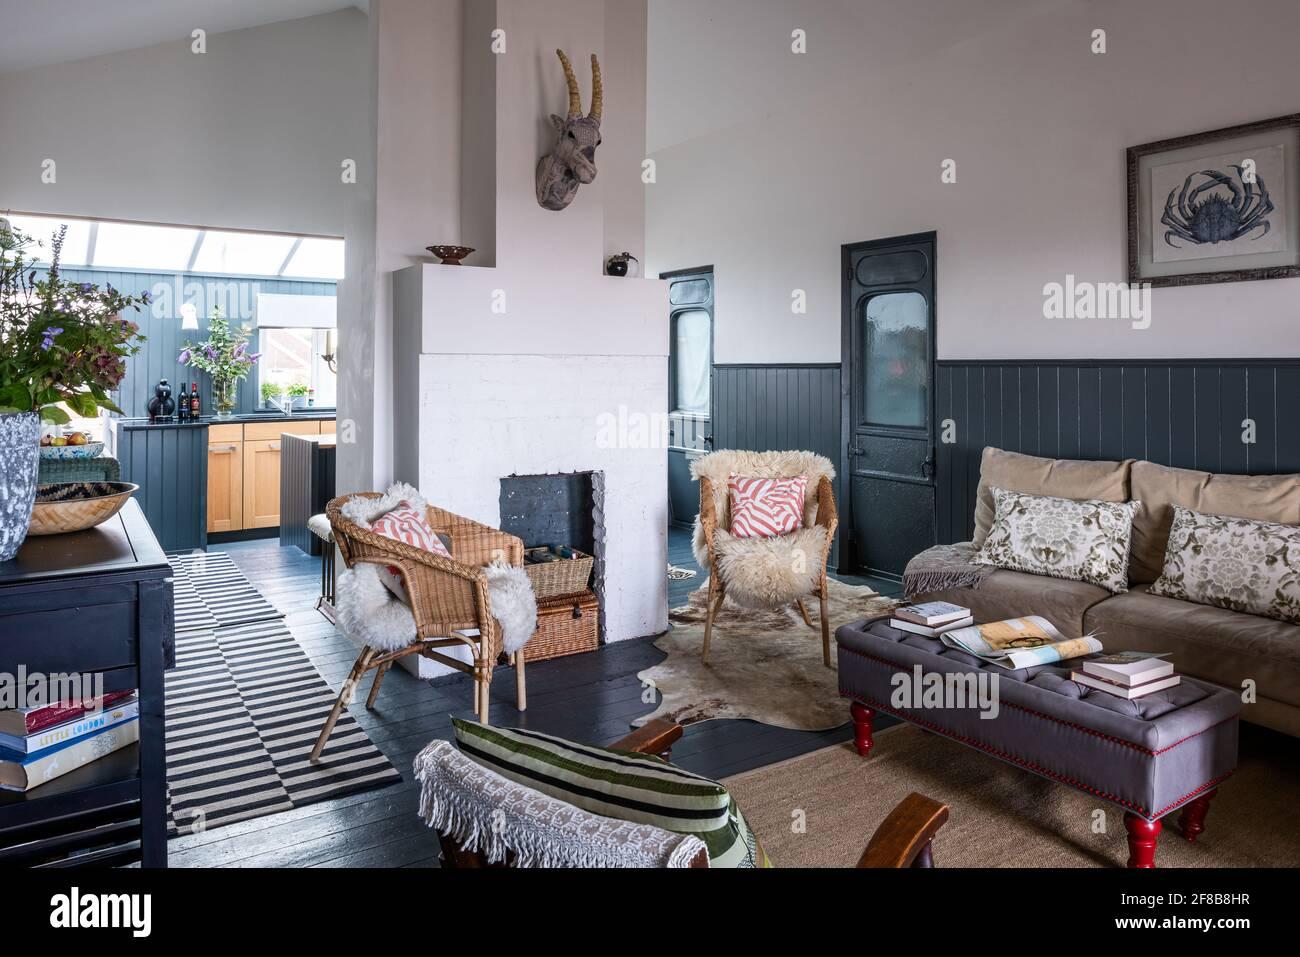 Chaises en osier et jetés en peau de mouton avec lampe en bois spiralé de la Guilde des designers dans la maison de vacances rénovée de West Sussex. Banque D'Images